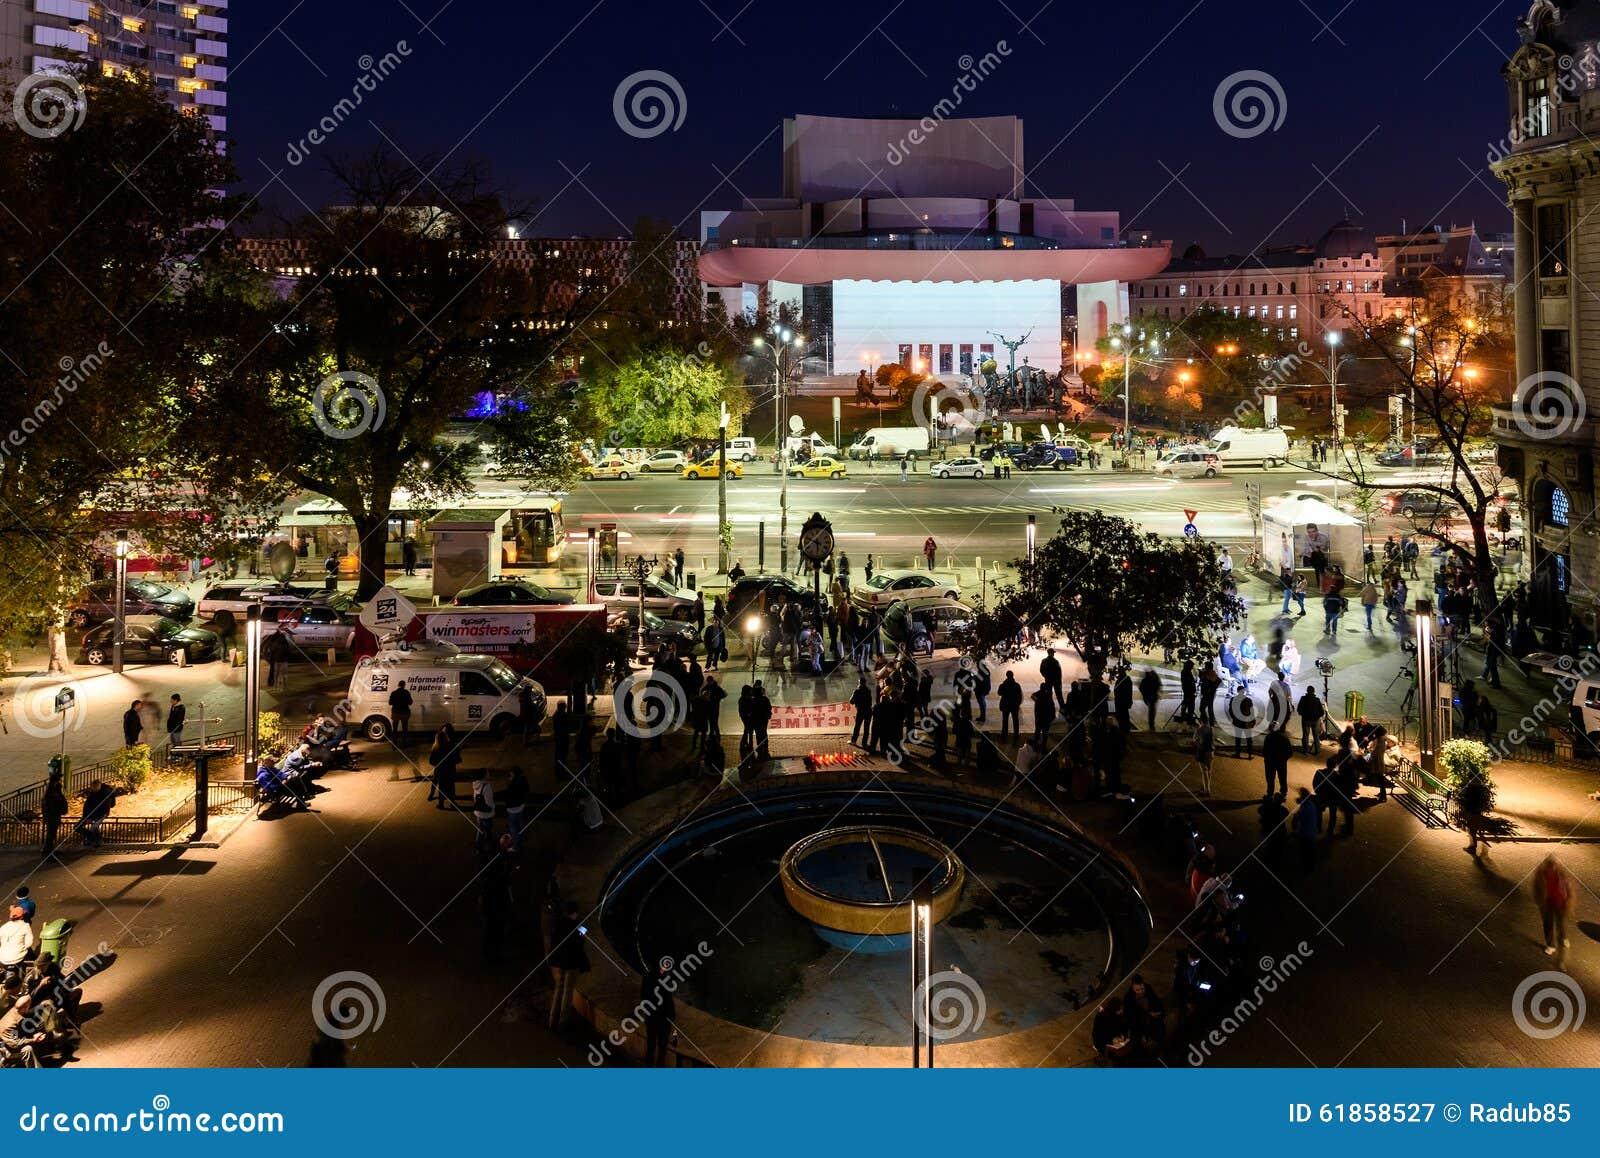 Сбор людей в квадрате университета и национальный театр на второй день протеста против правительства коррупции и румына